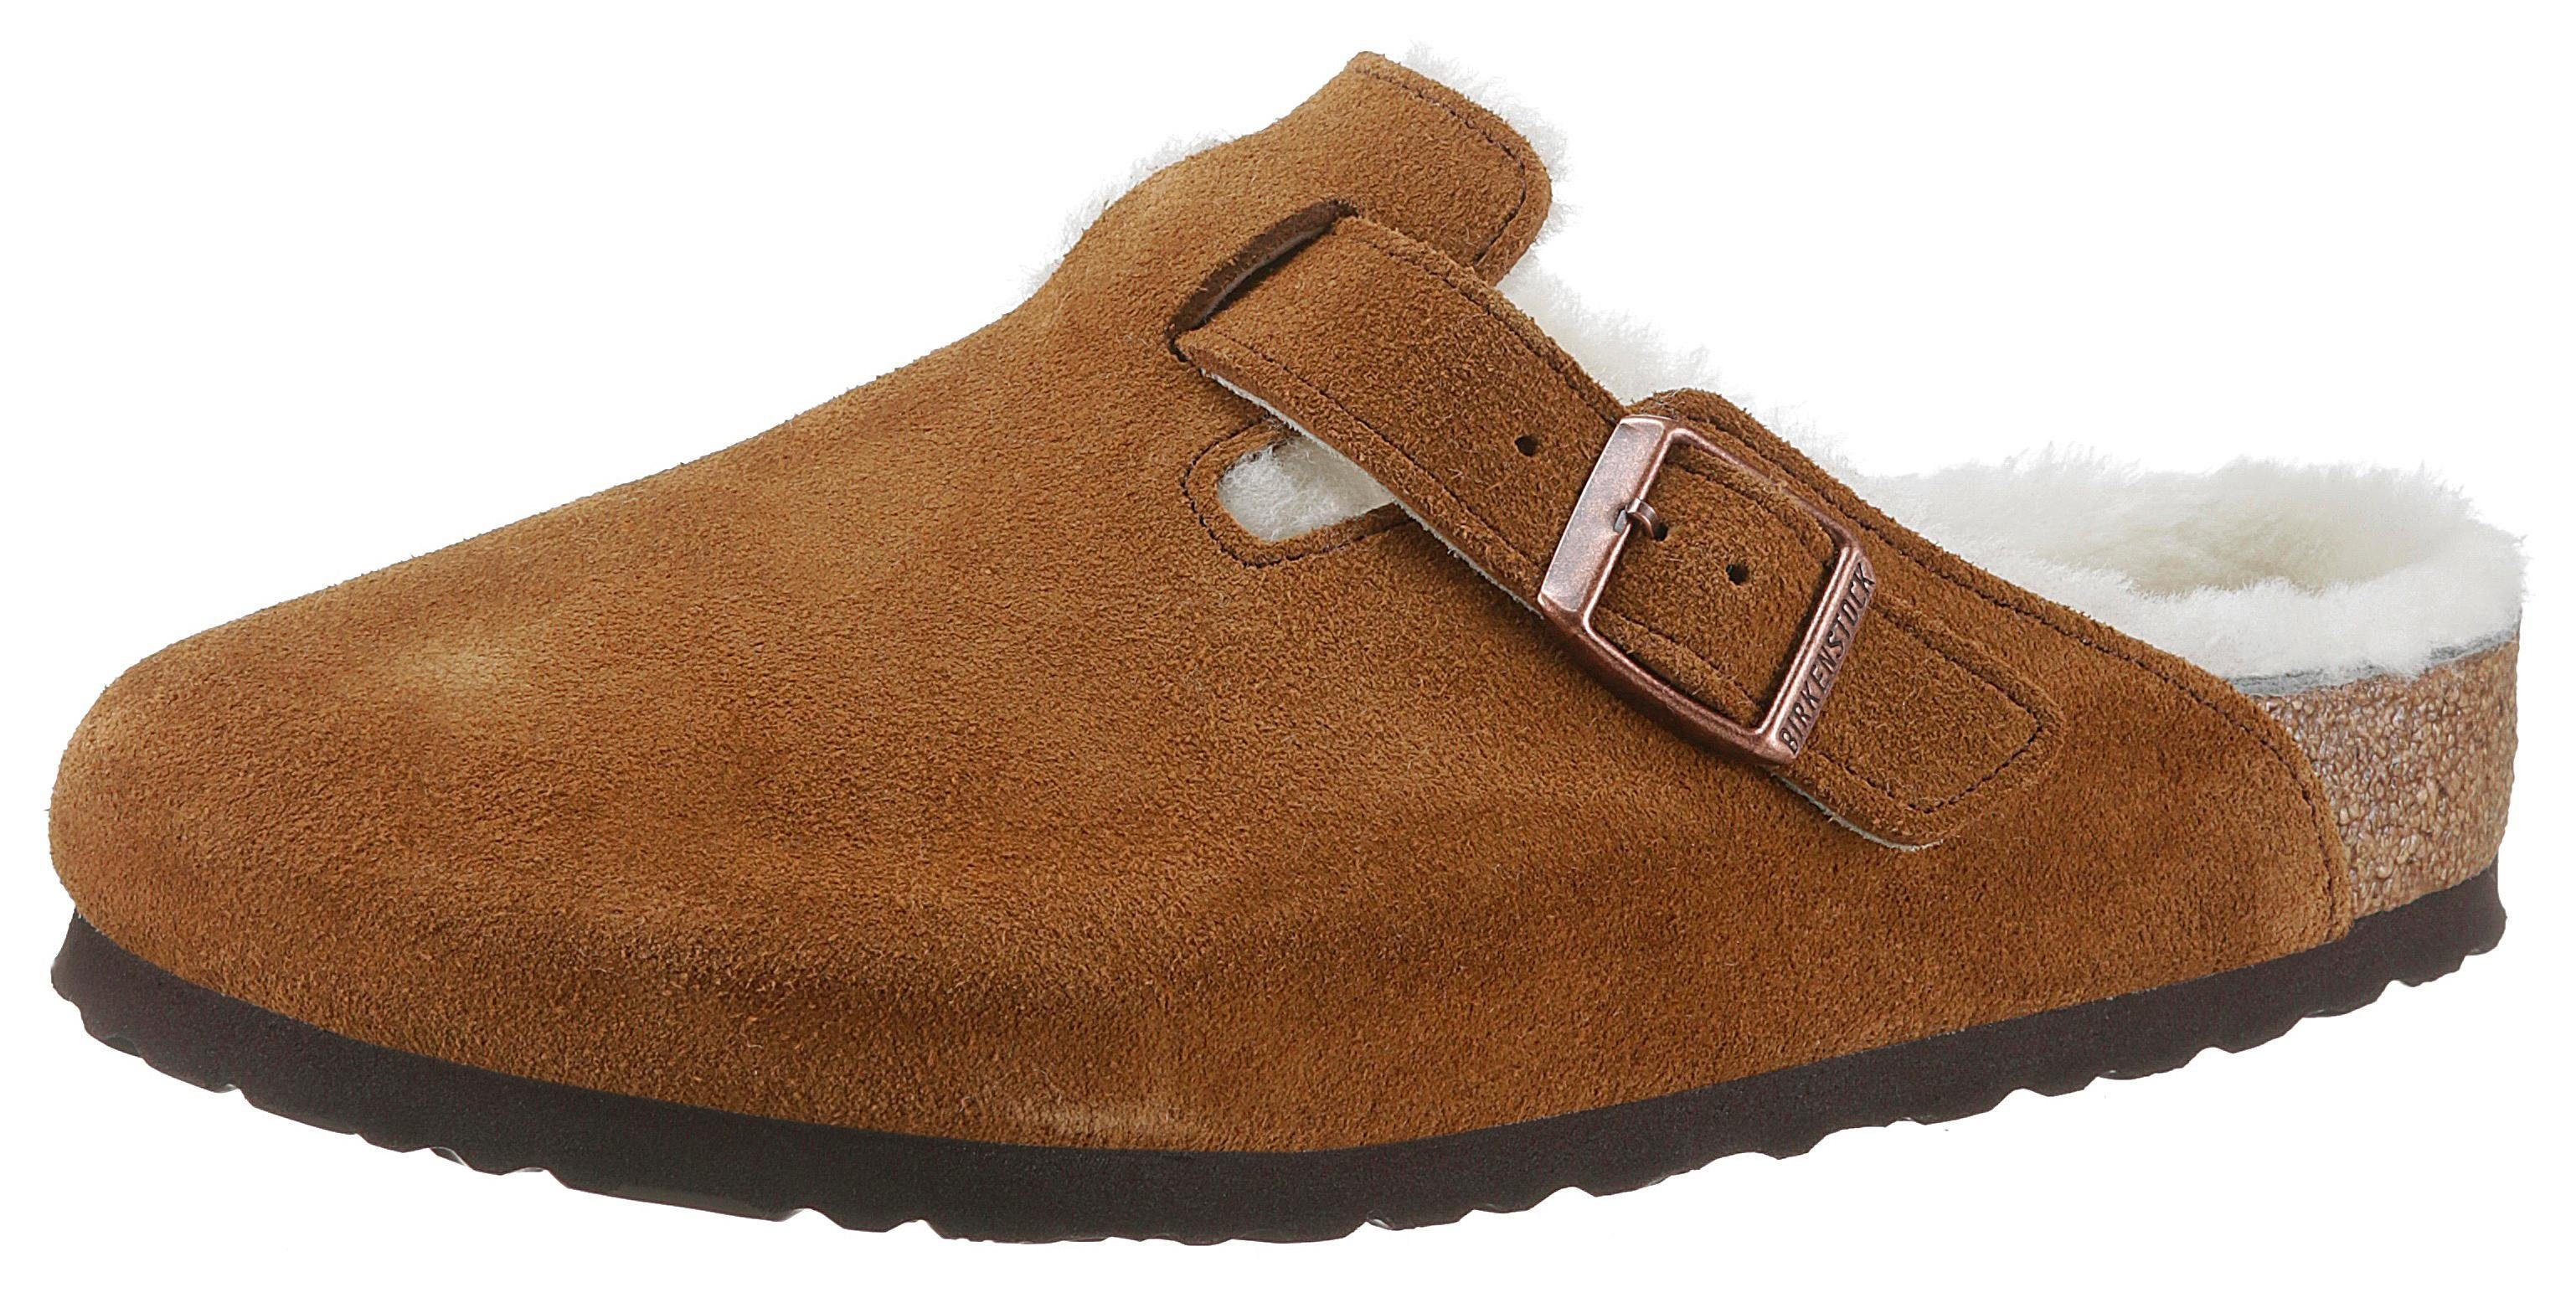 Birkenstock »Boston« Pantoffel in normaler Schuhweite online kaufen | OTTO